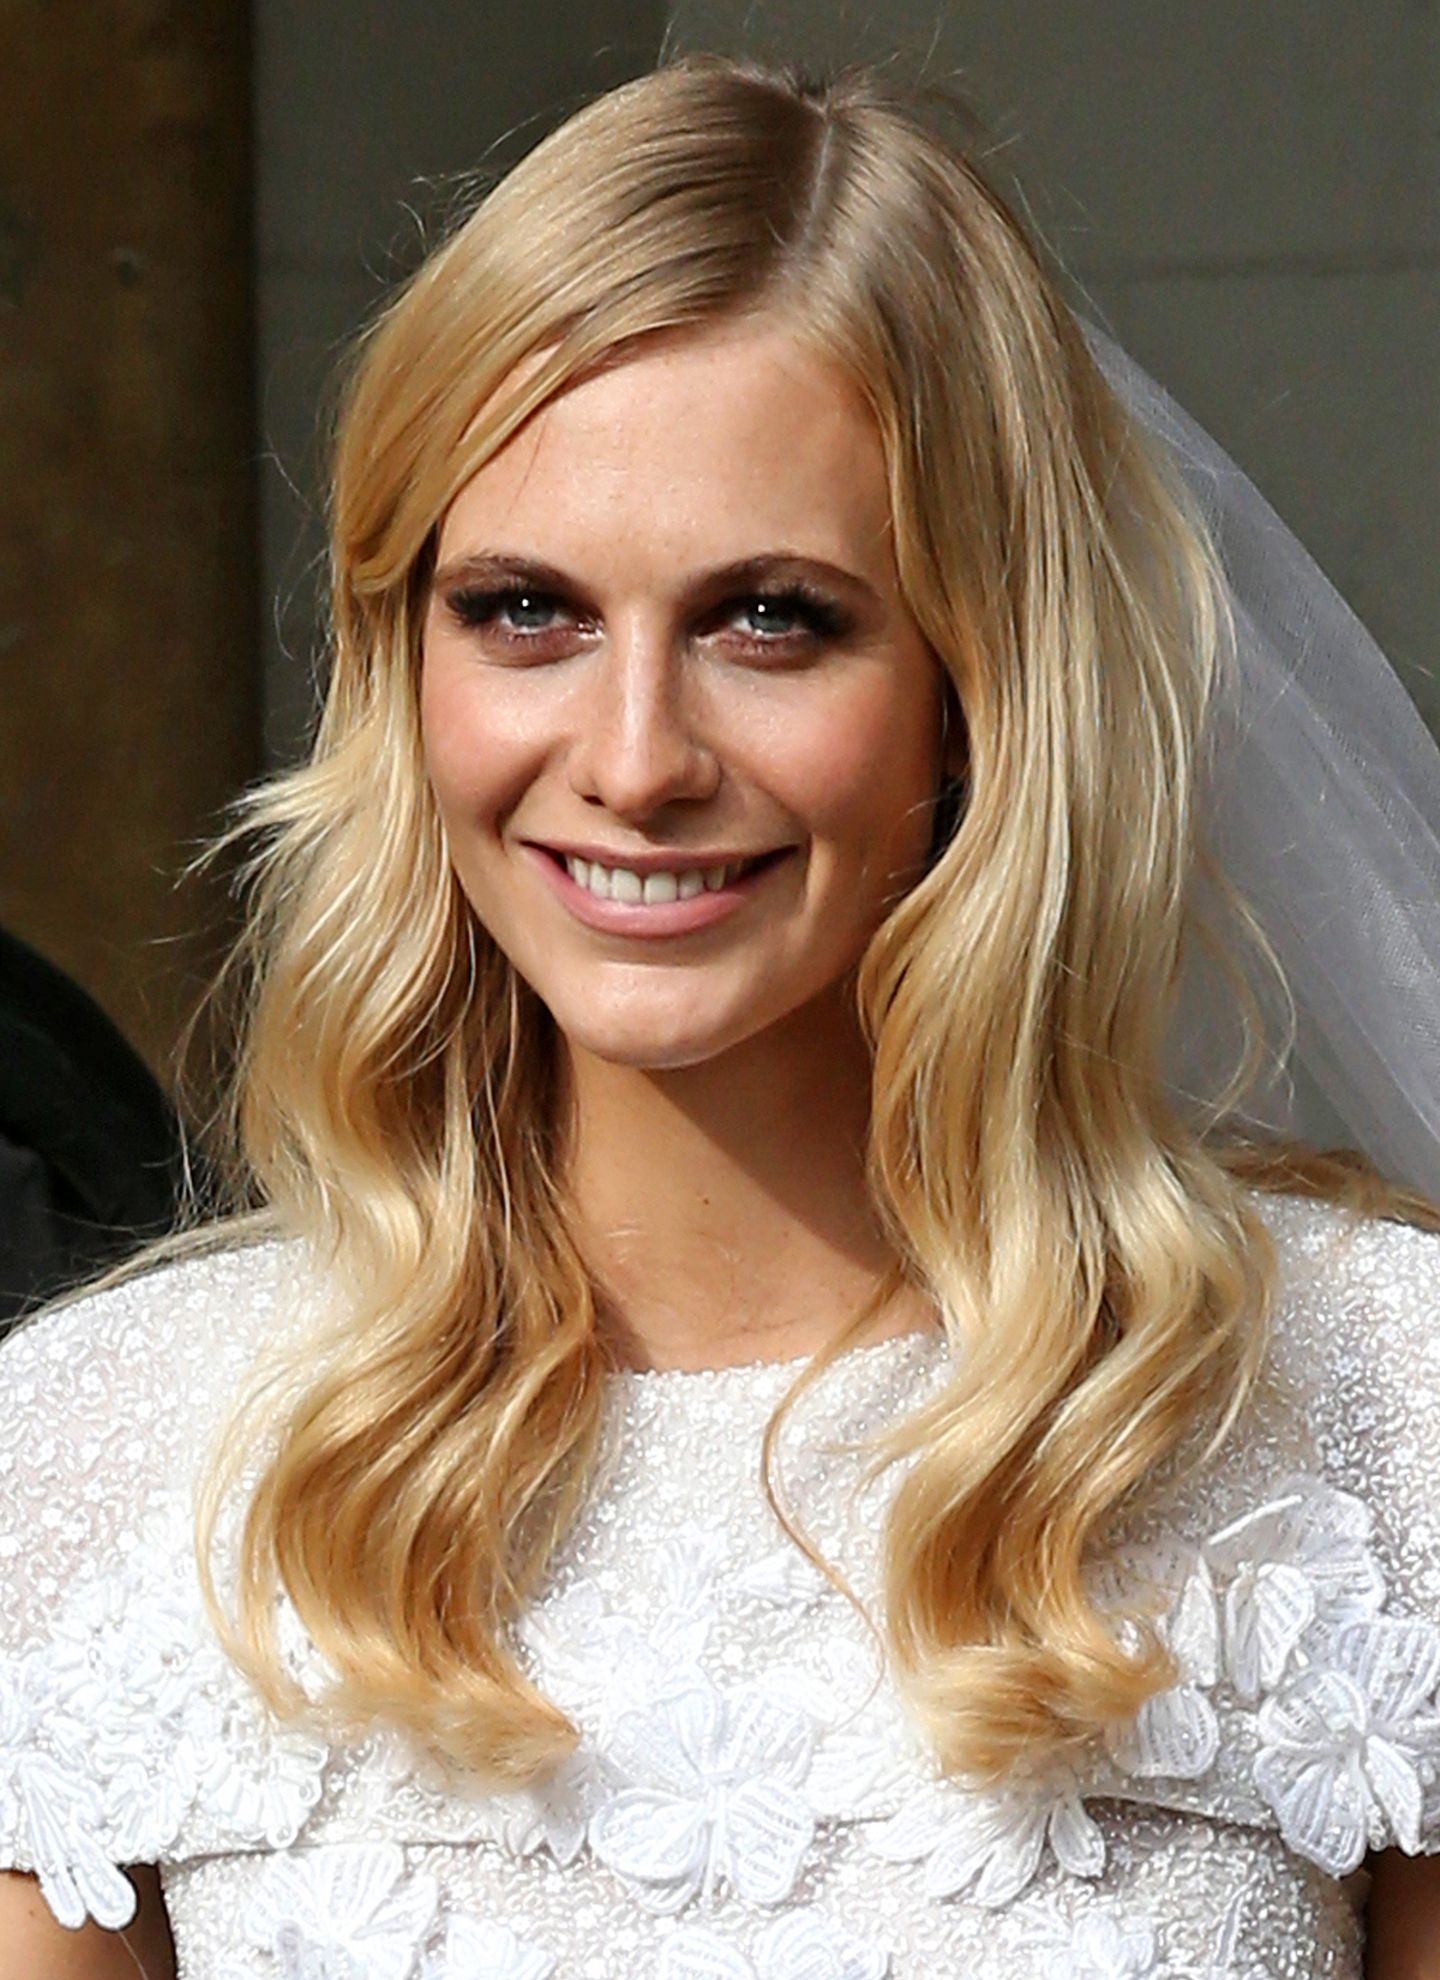 Poppy Delevingne war mit offenen Haaren und weichen, glänzenden Wellen eine wunderschöne Braut.